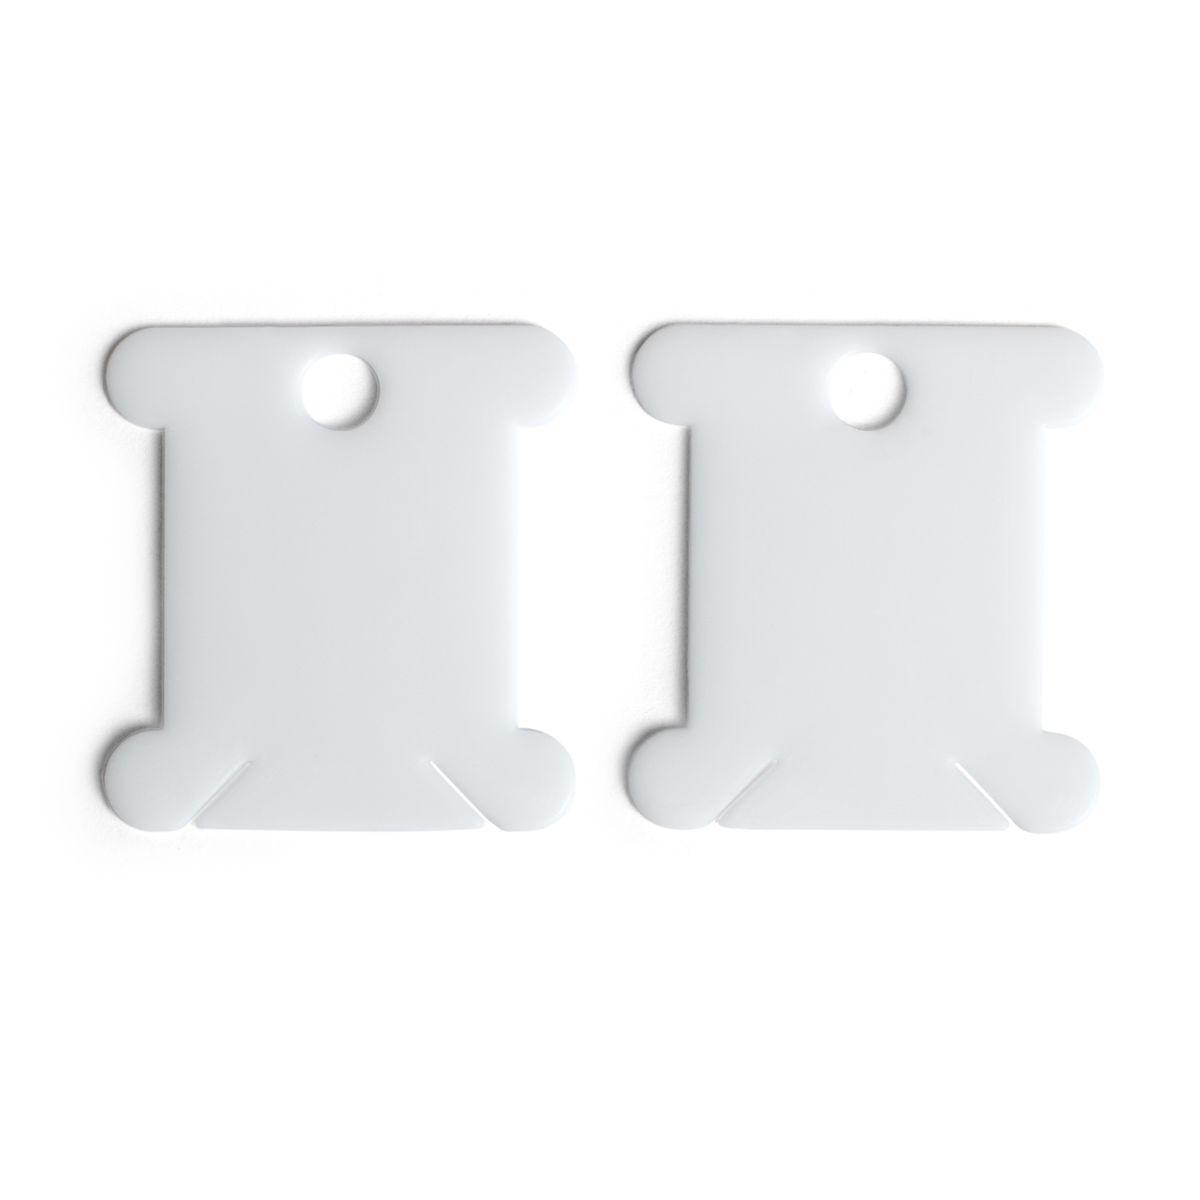 Prym Garnwickelkarten Kunststoff weiß 4x3,5cm